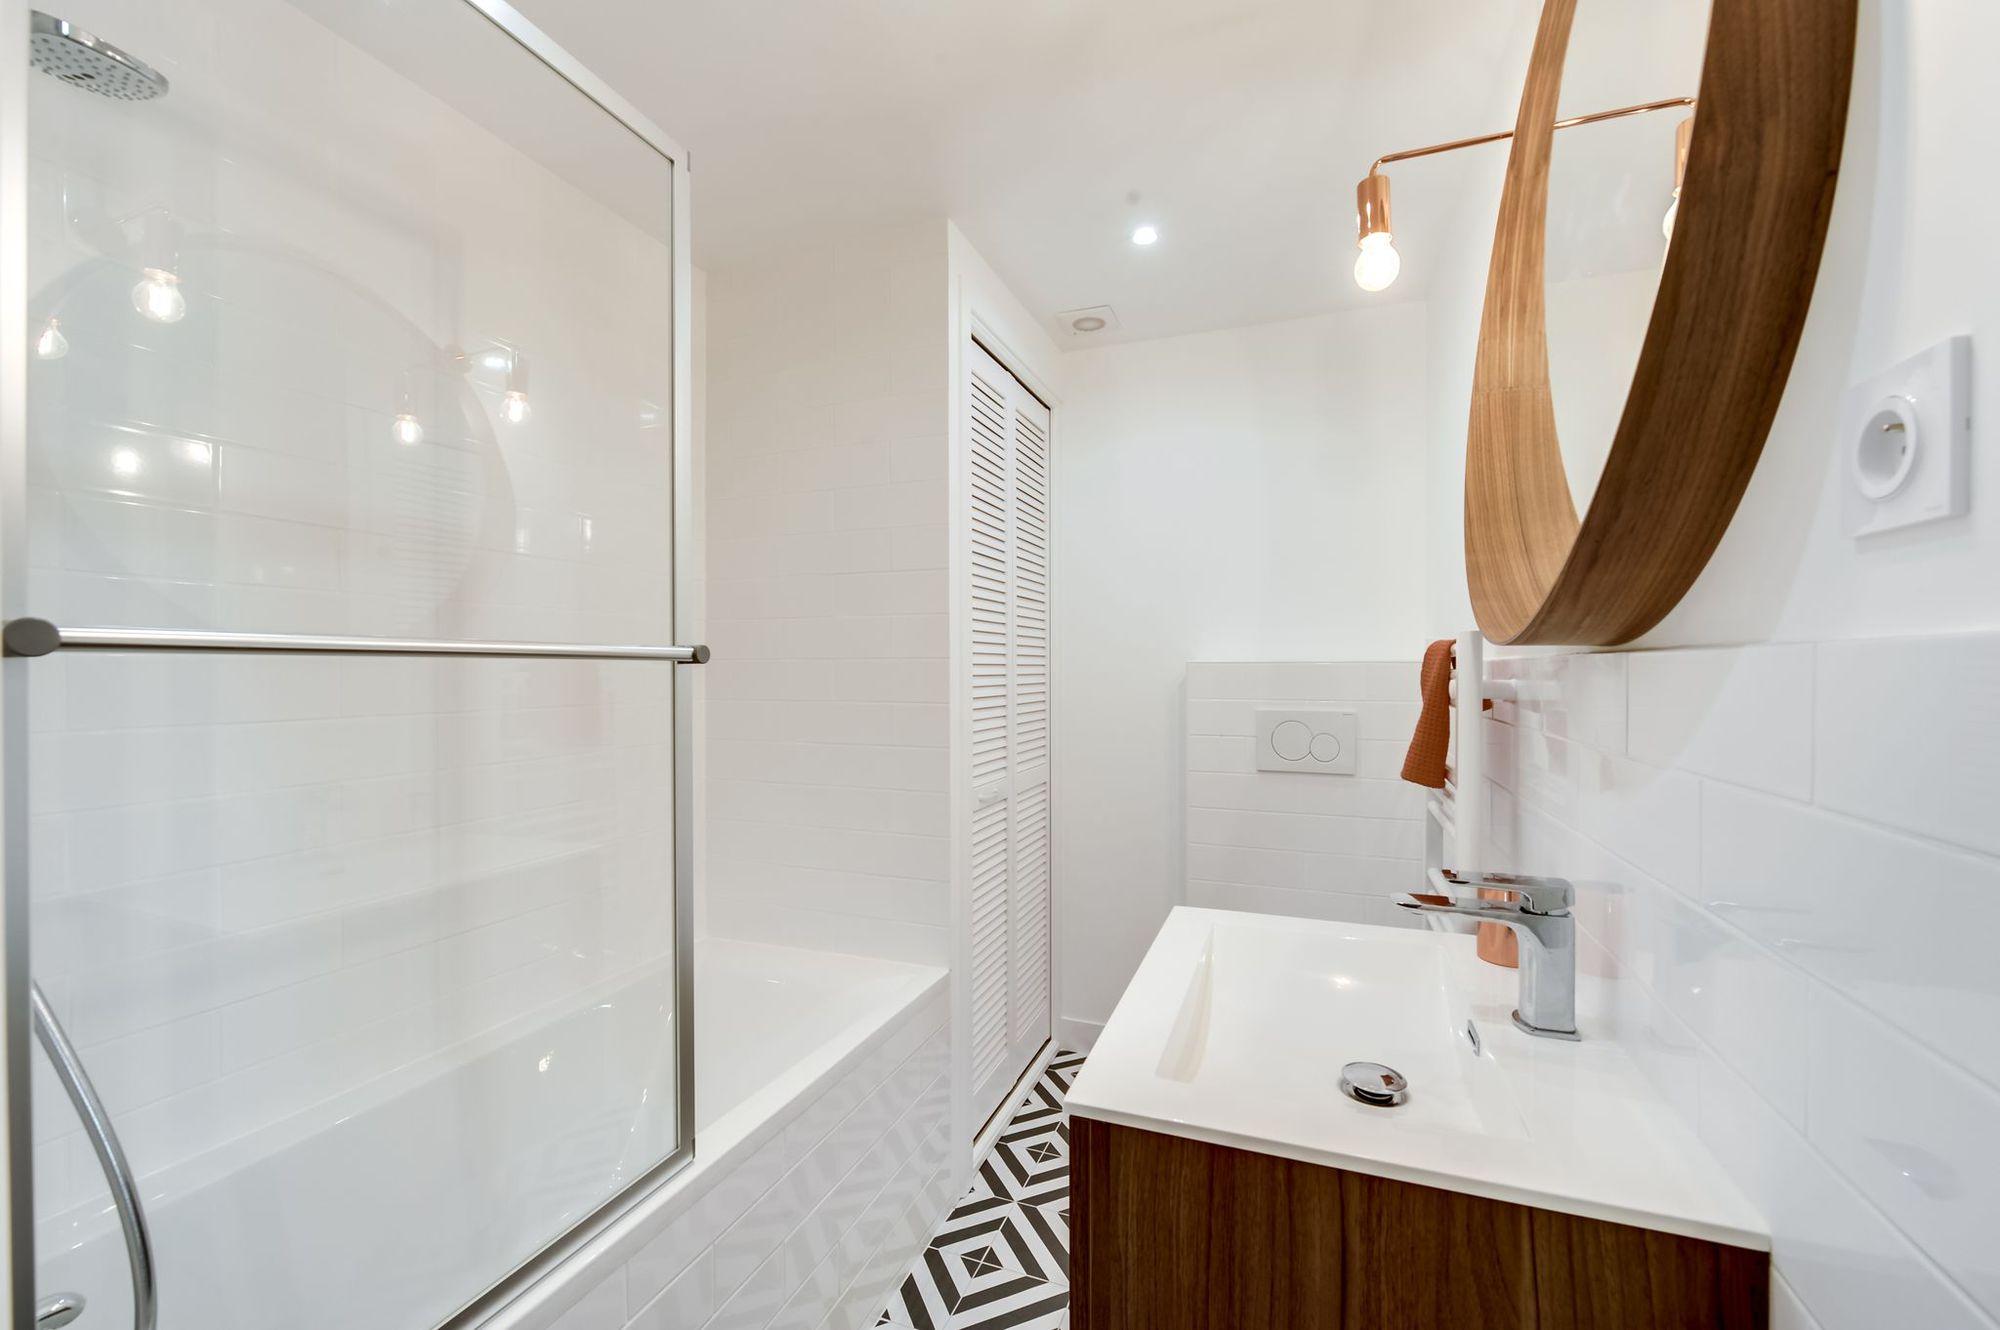 salle de bains noir et blanc touches de bois 5913634 des. Black Bedroom Furniture Sets. Home Design Ideas